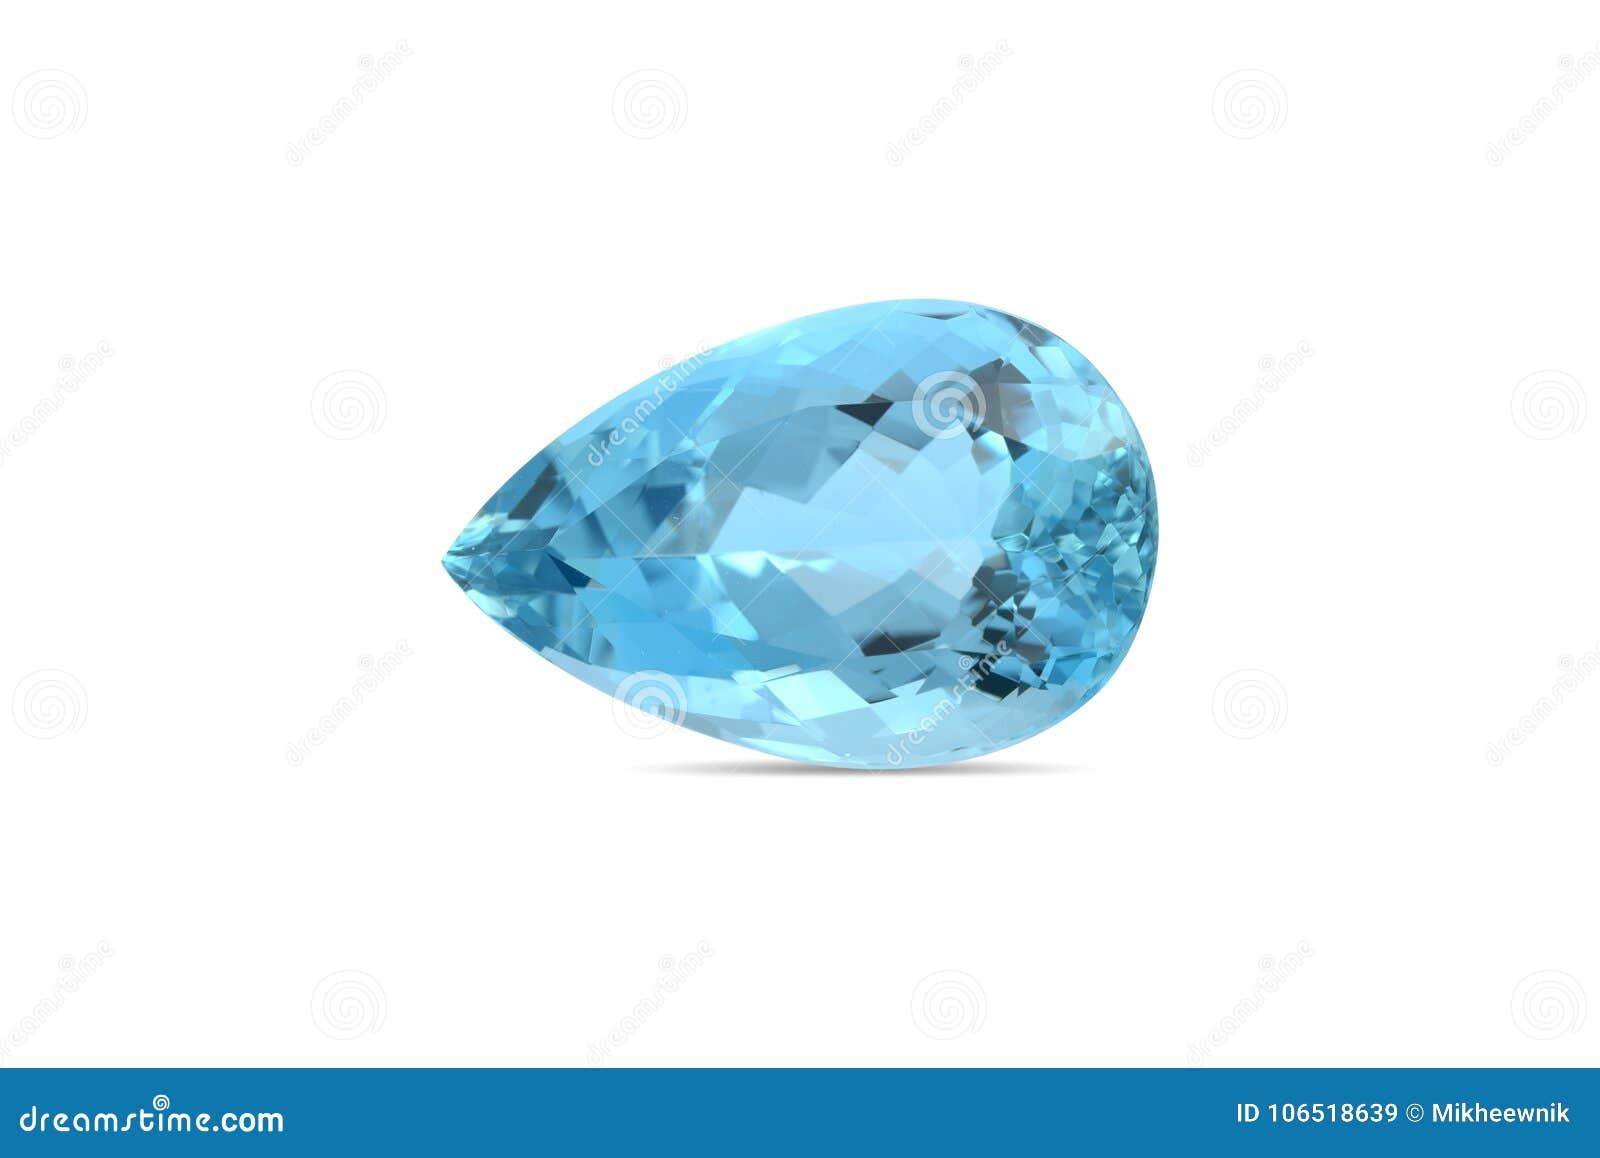 自然蓝绿色宝石